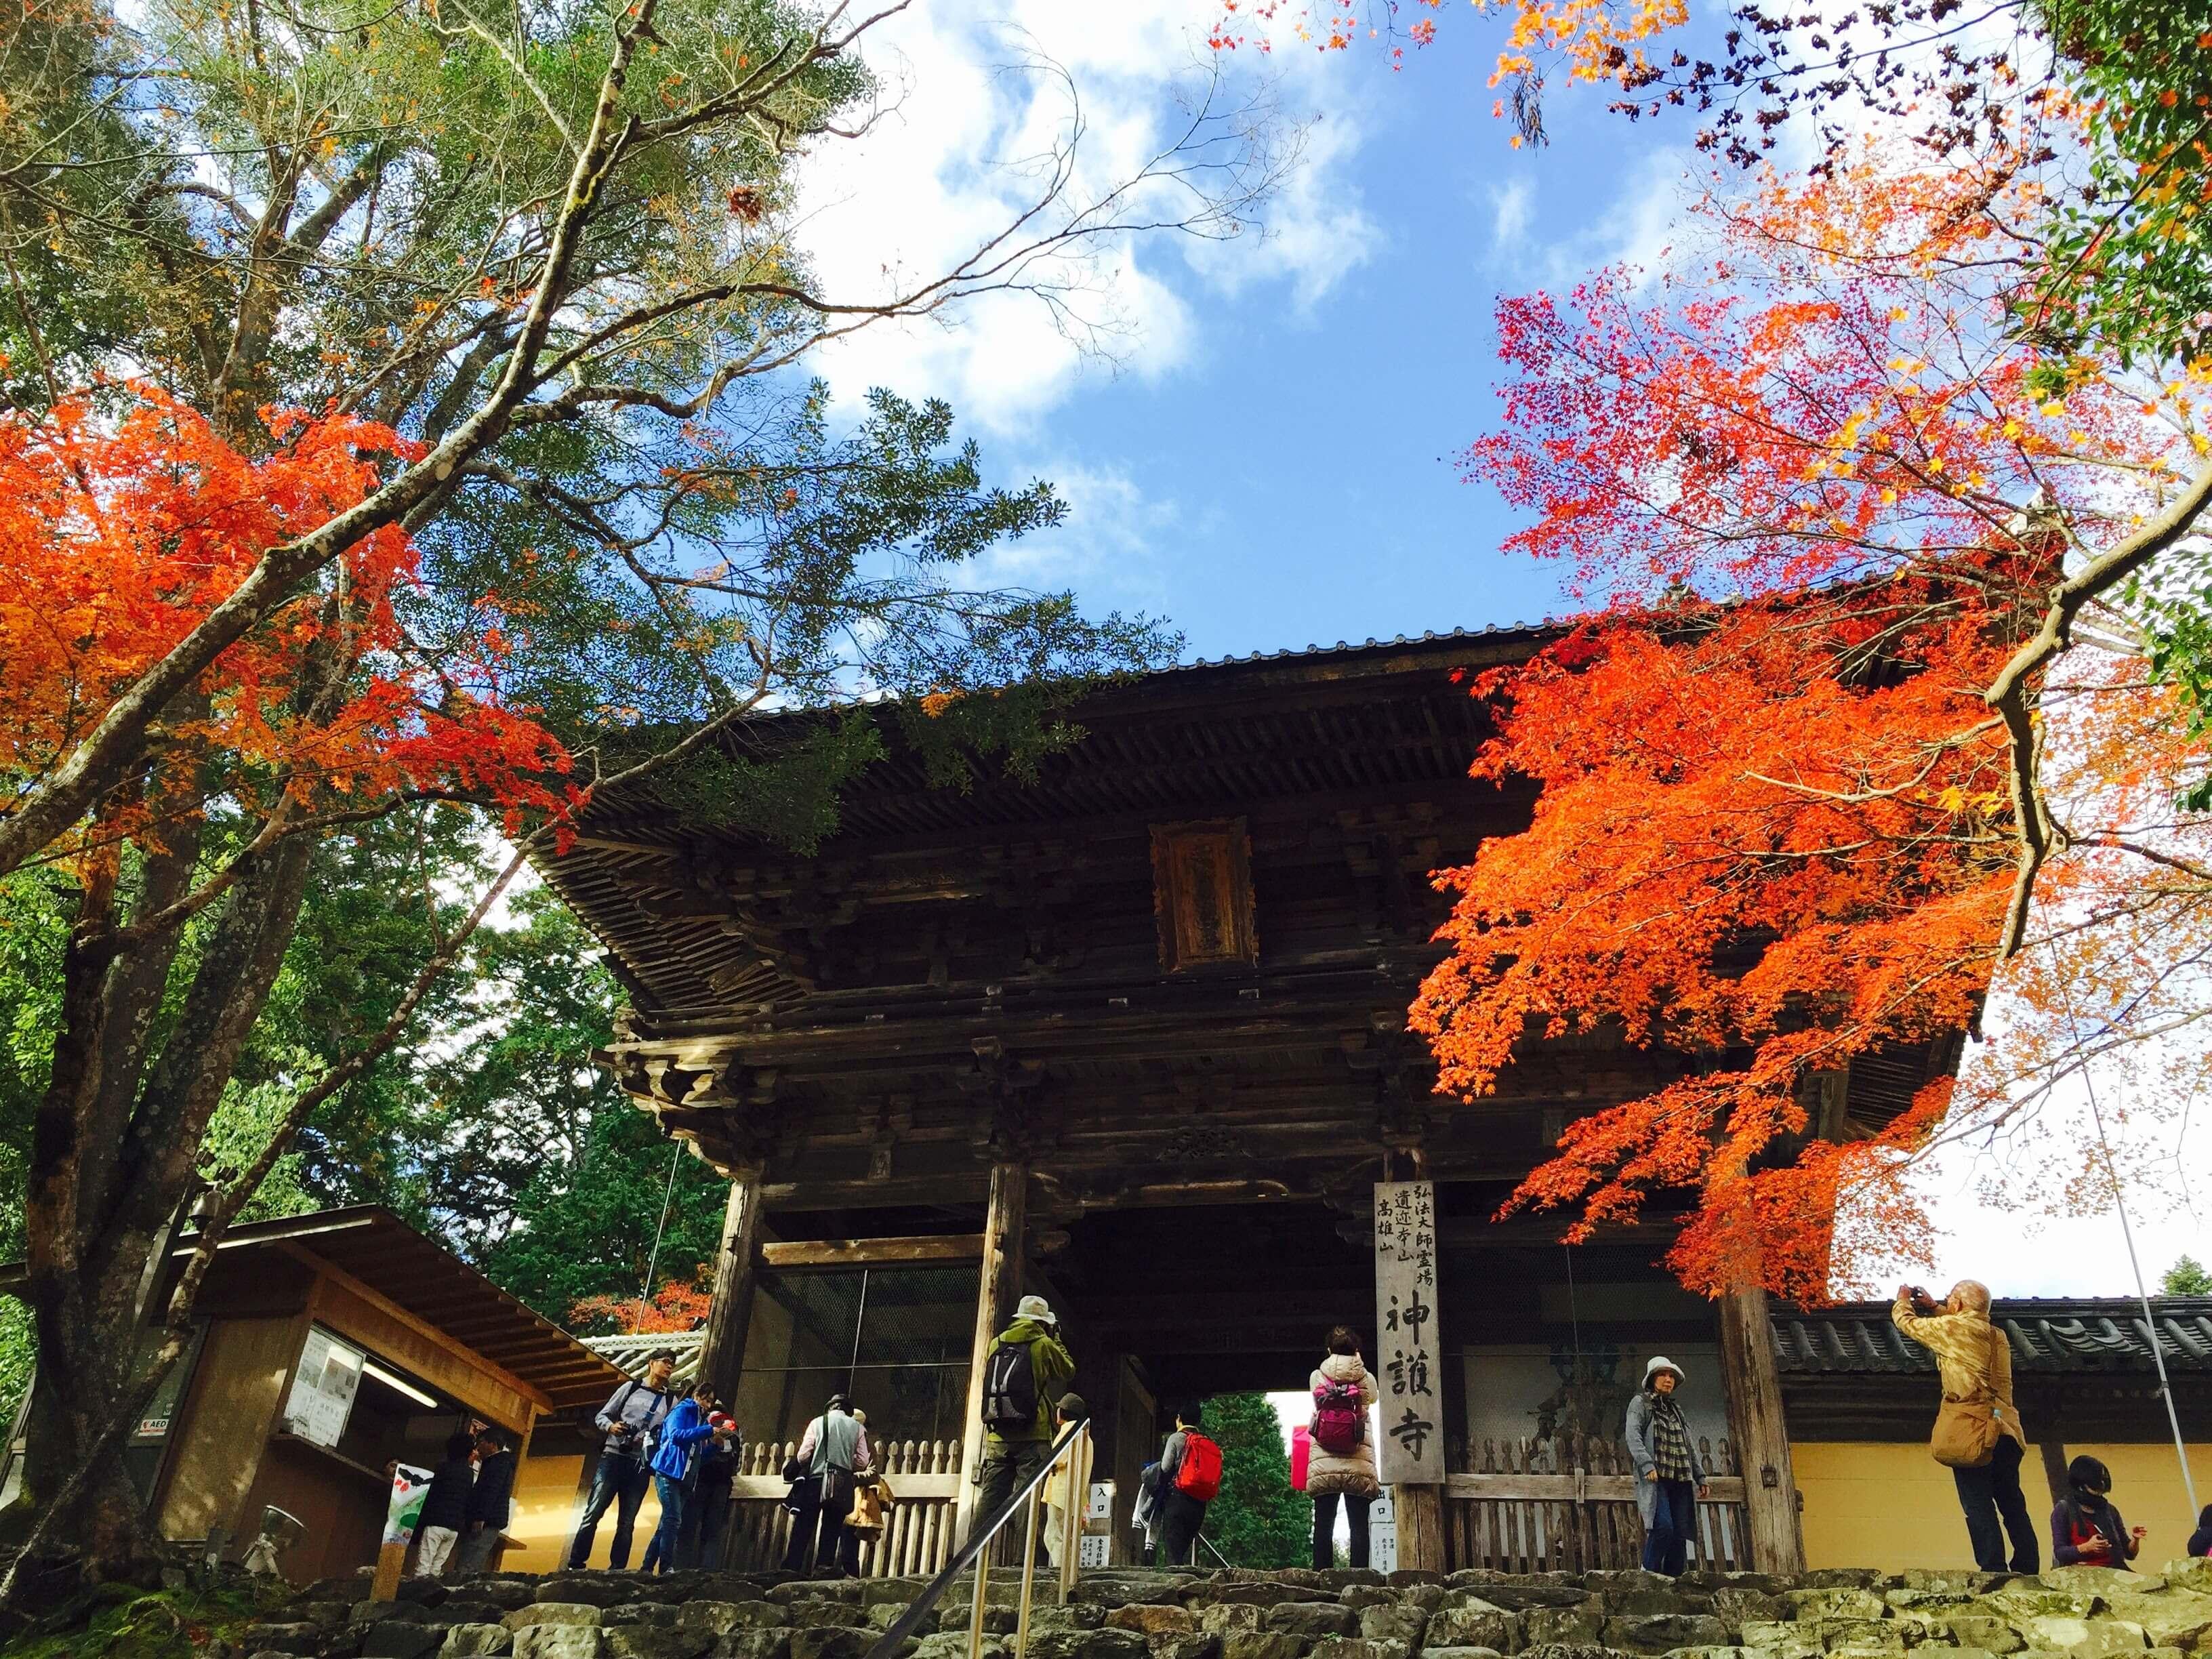 京 都 鮮 少 人 知 的 淨 地 。